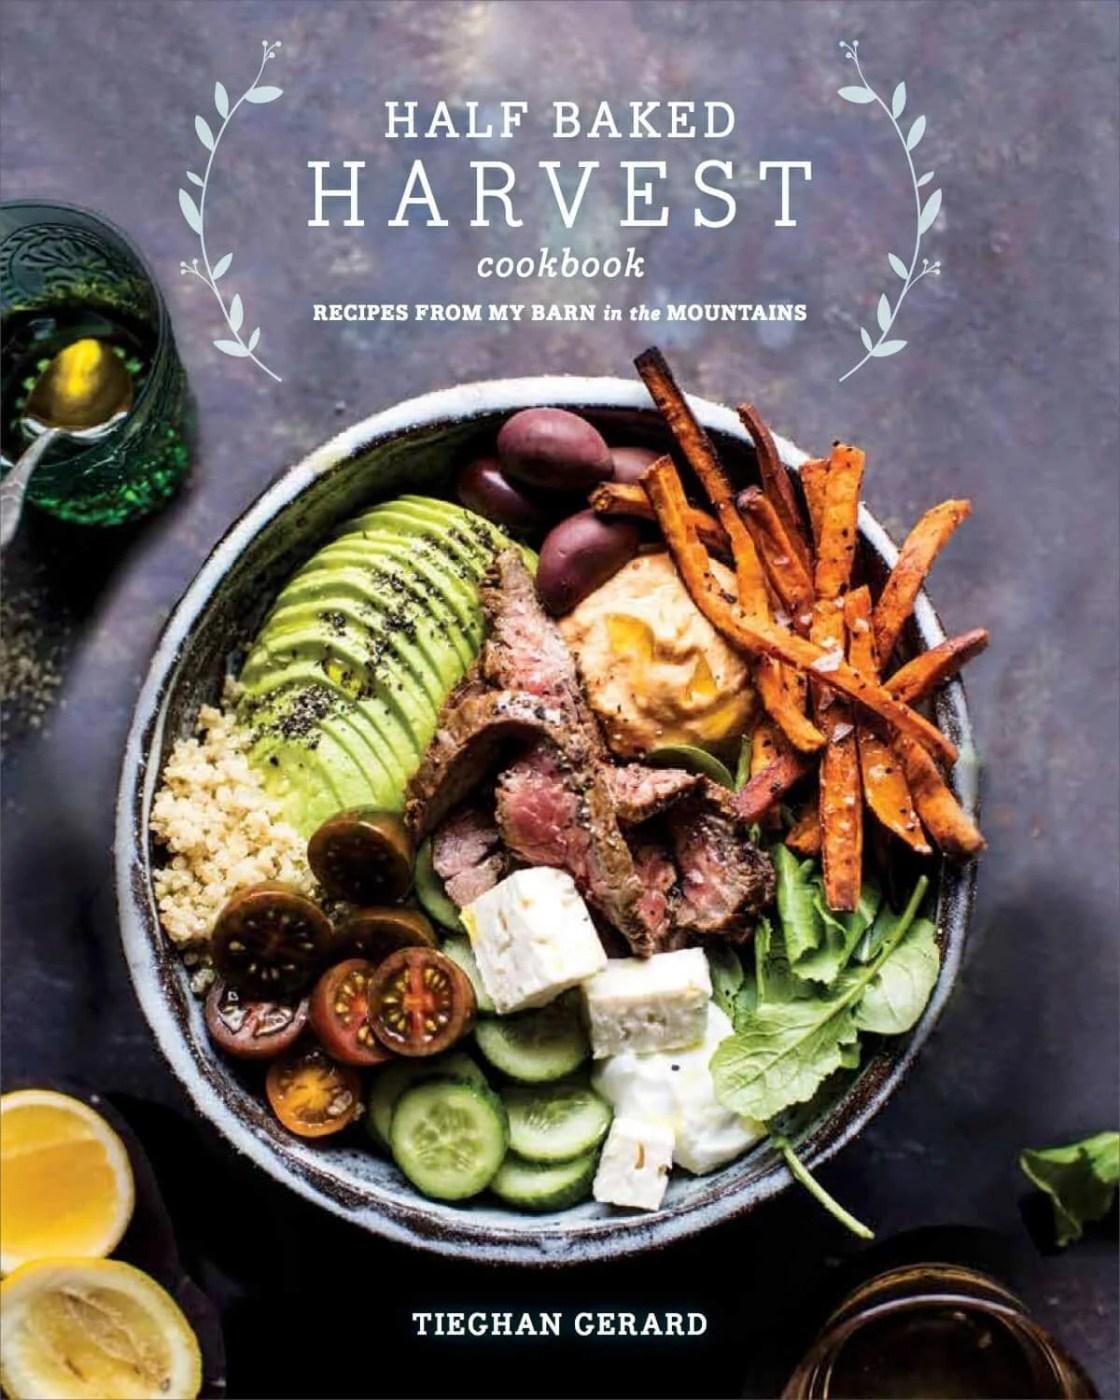 Zestful Kitchen 2017 Holiday Cookbook Gift Guide | Half Baked Harvest Cookbook